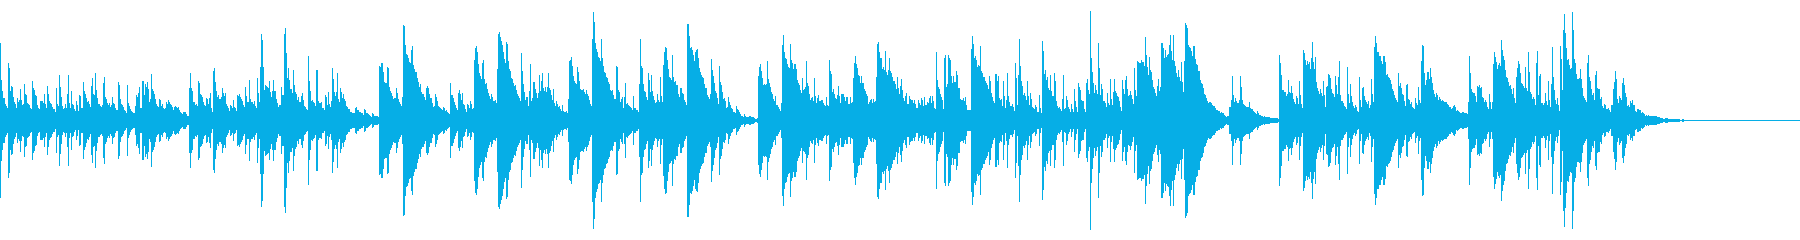 優しくてさわやかなピアノの曲の再生済みの波形